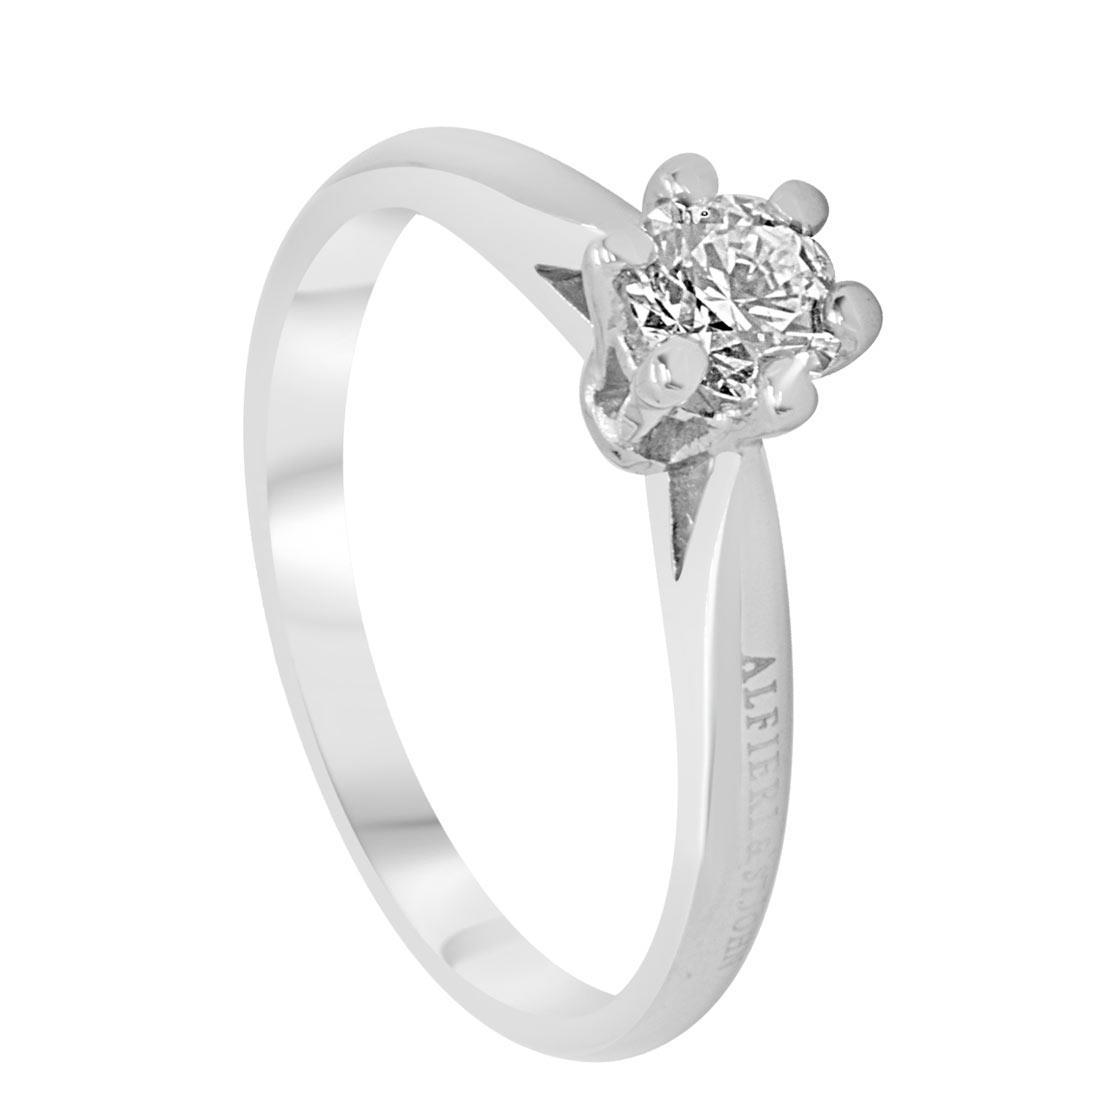 Anello solitario in oro bianco con diamante 0,42 ct mis 13 - ALFIERI & ST. JOHN